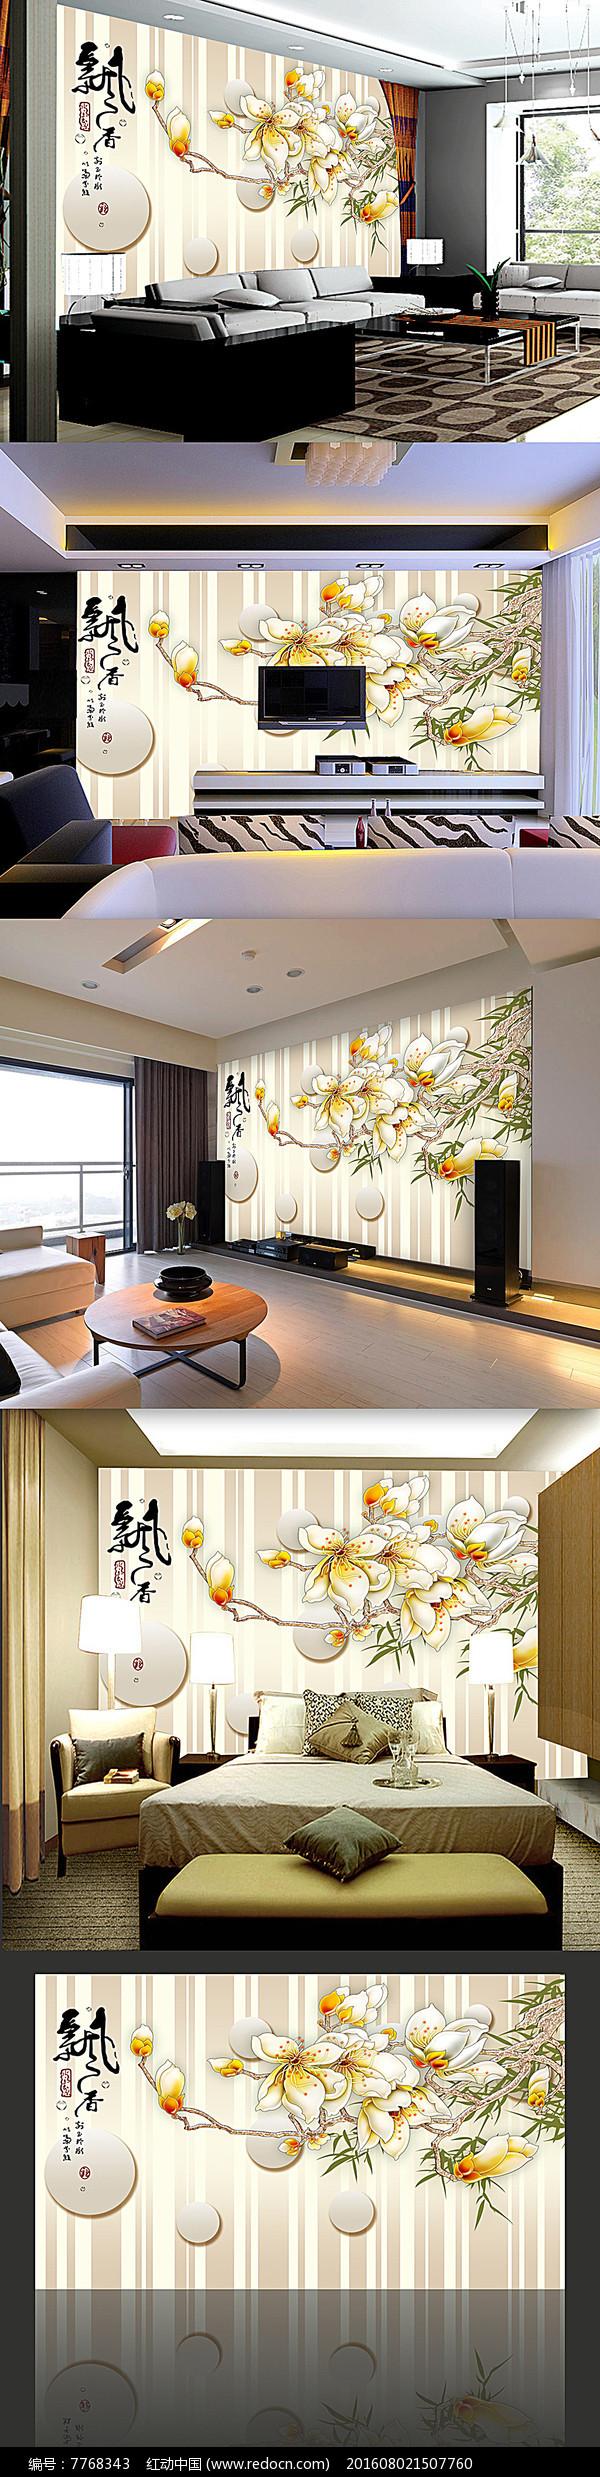 中国风背景墙电视墙图片